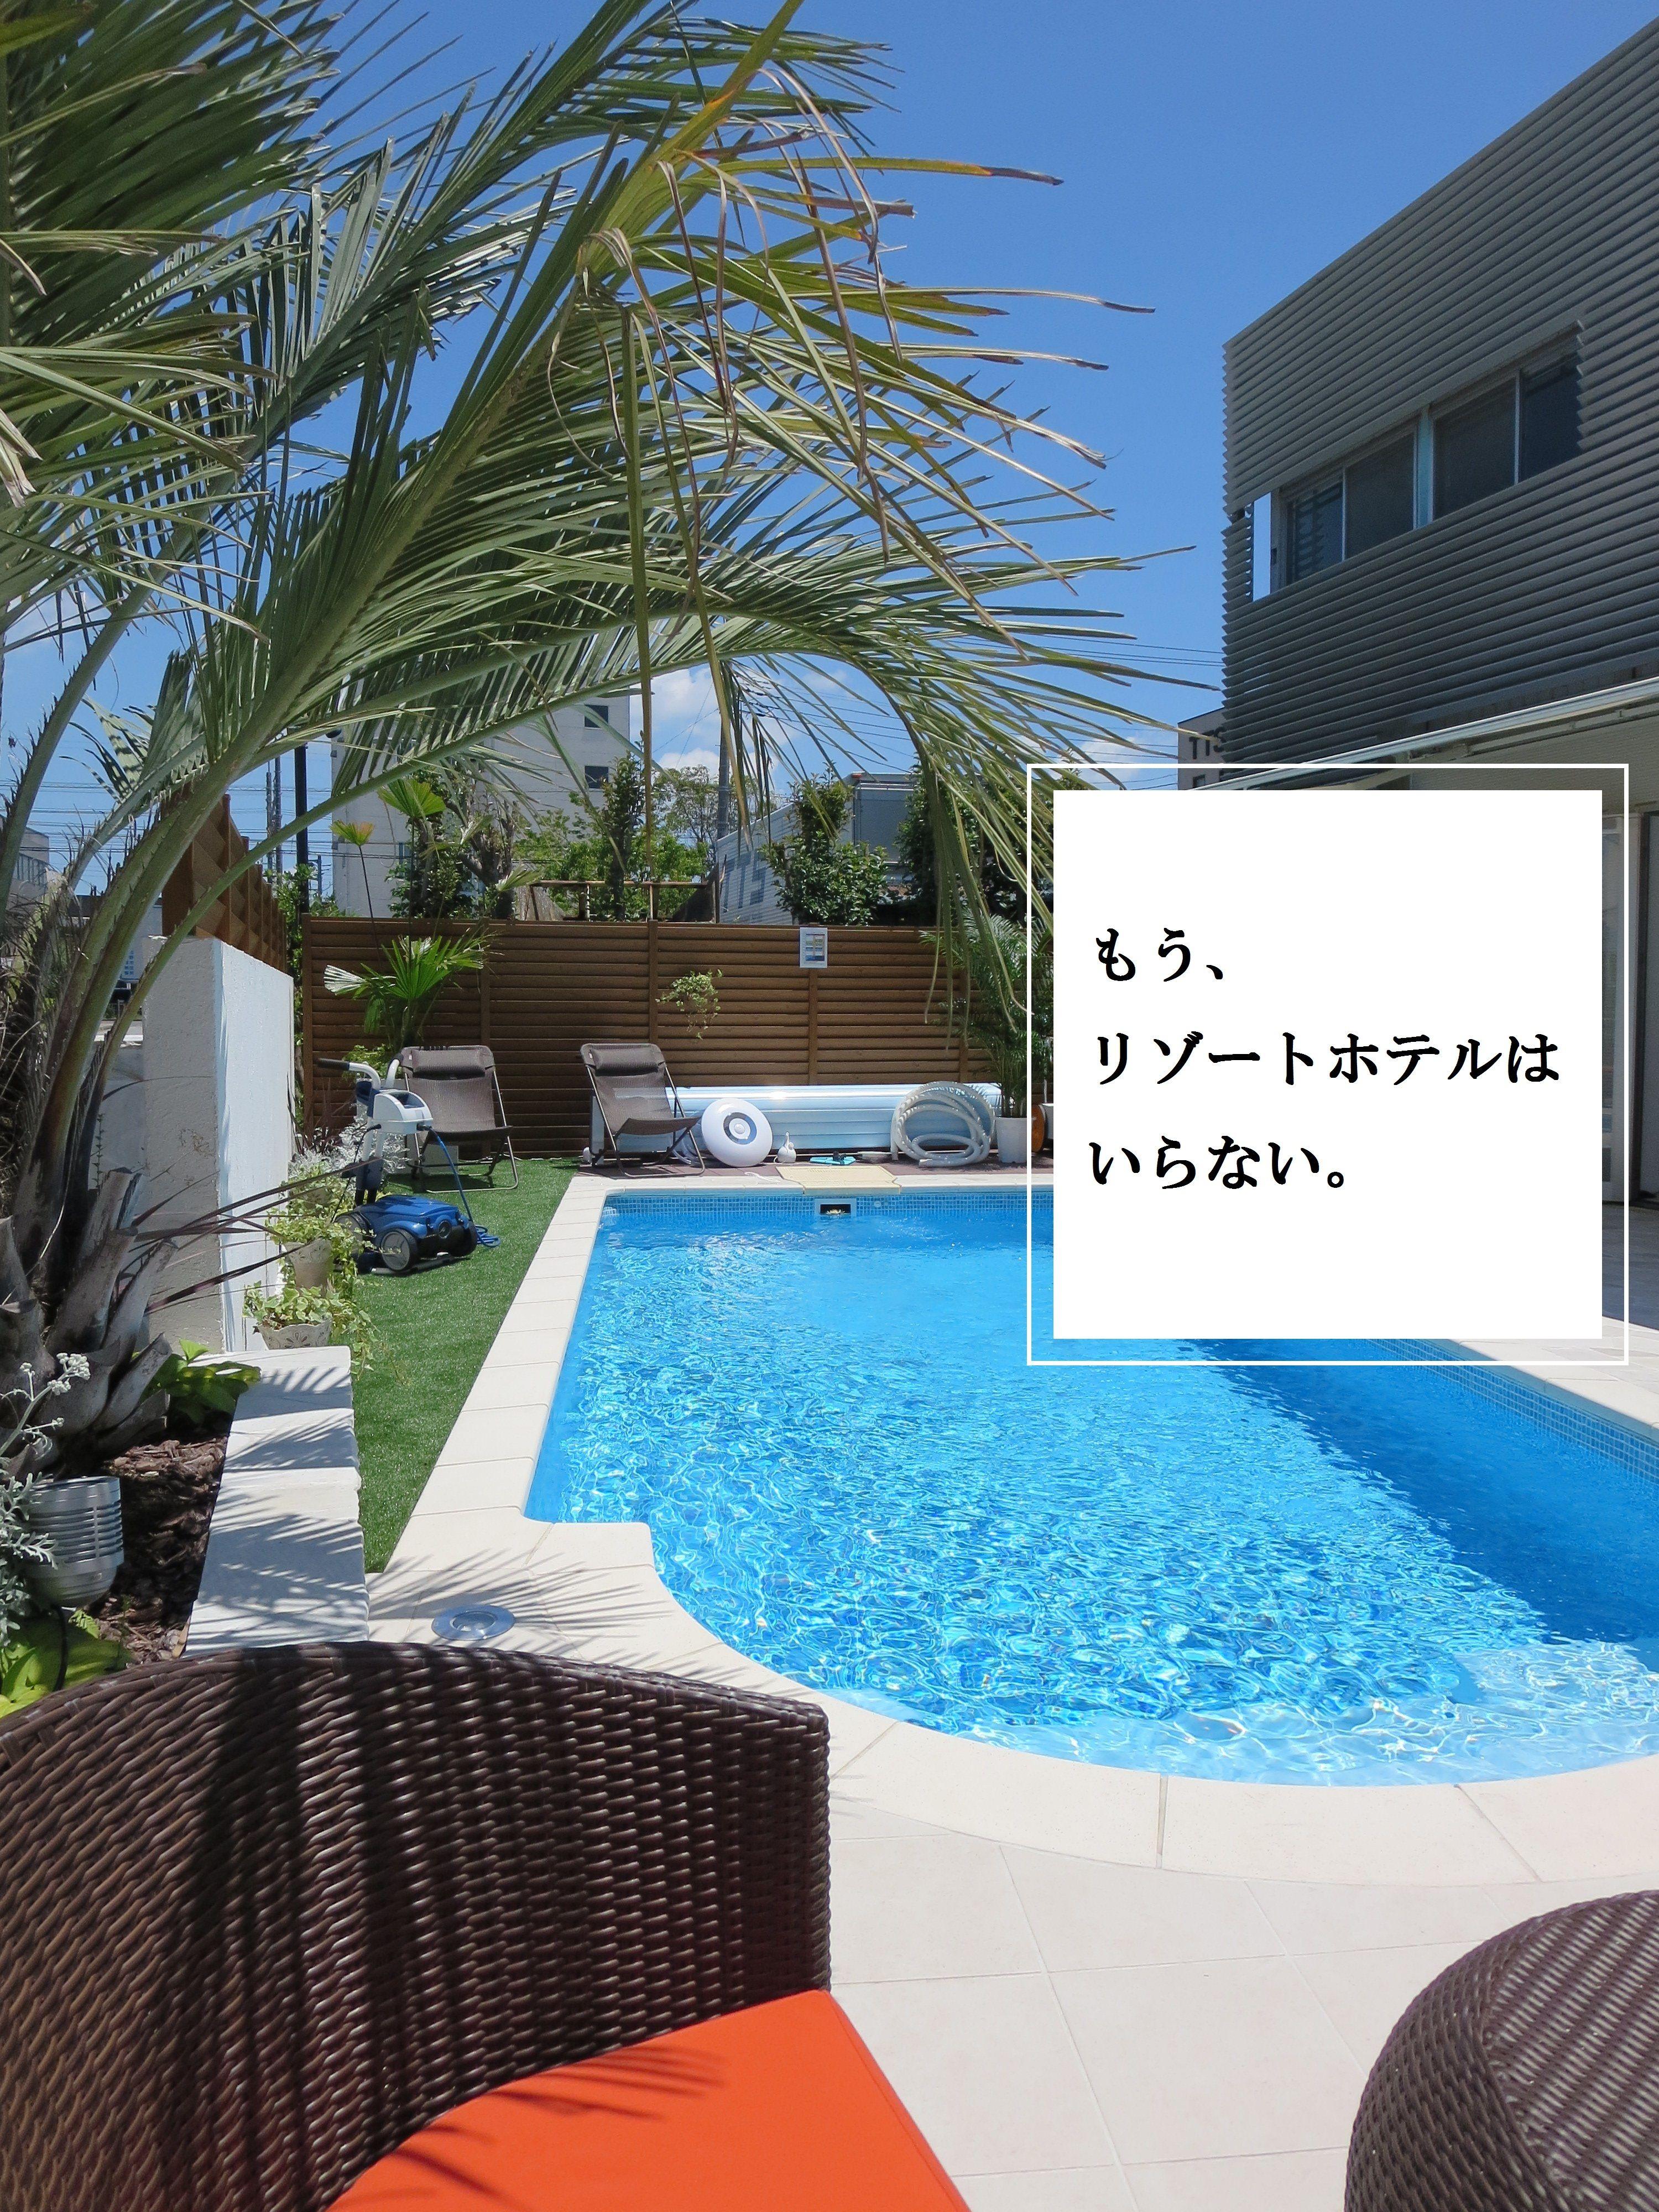 おしゃれな外構とお庭の設計と工事はザ シーズン横浜で 藤沢市 鎌倉市